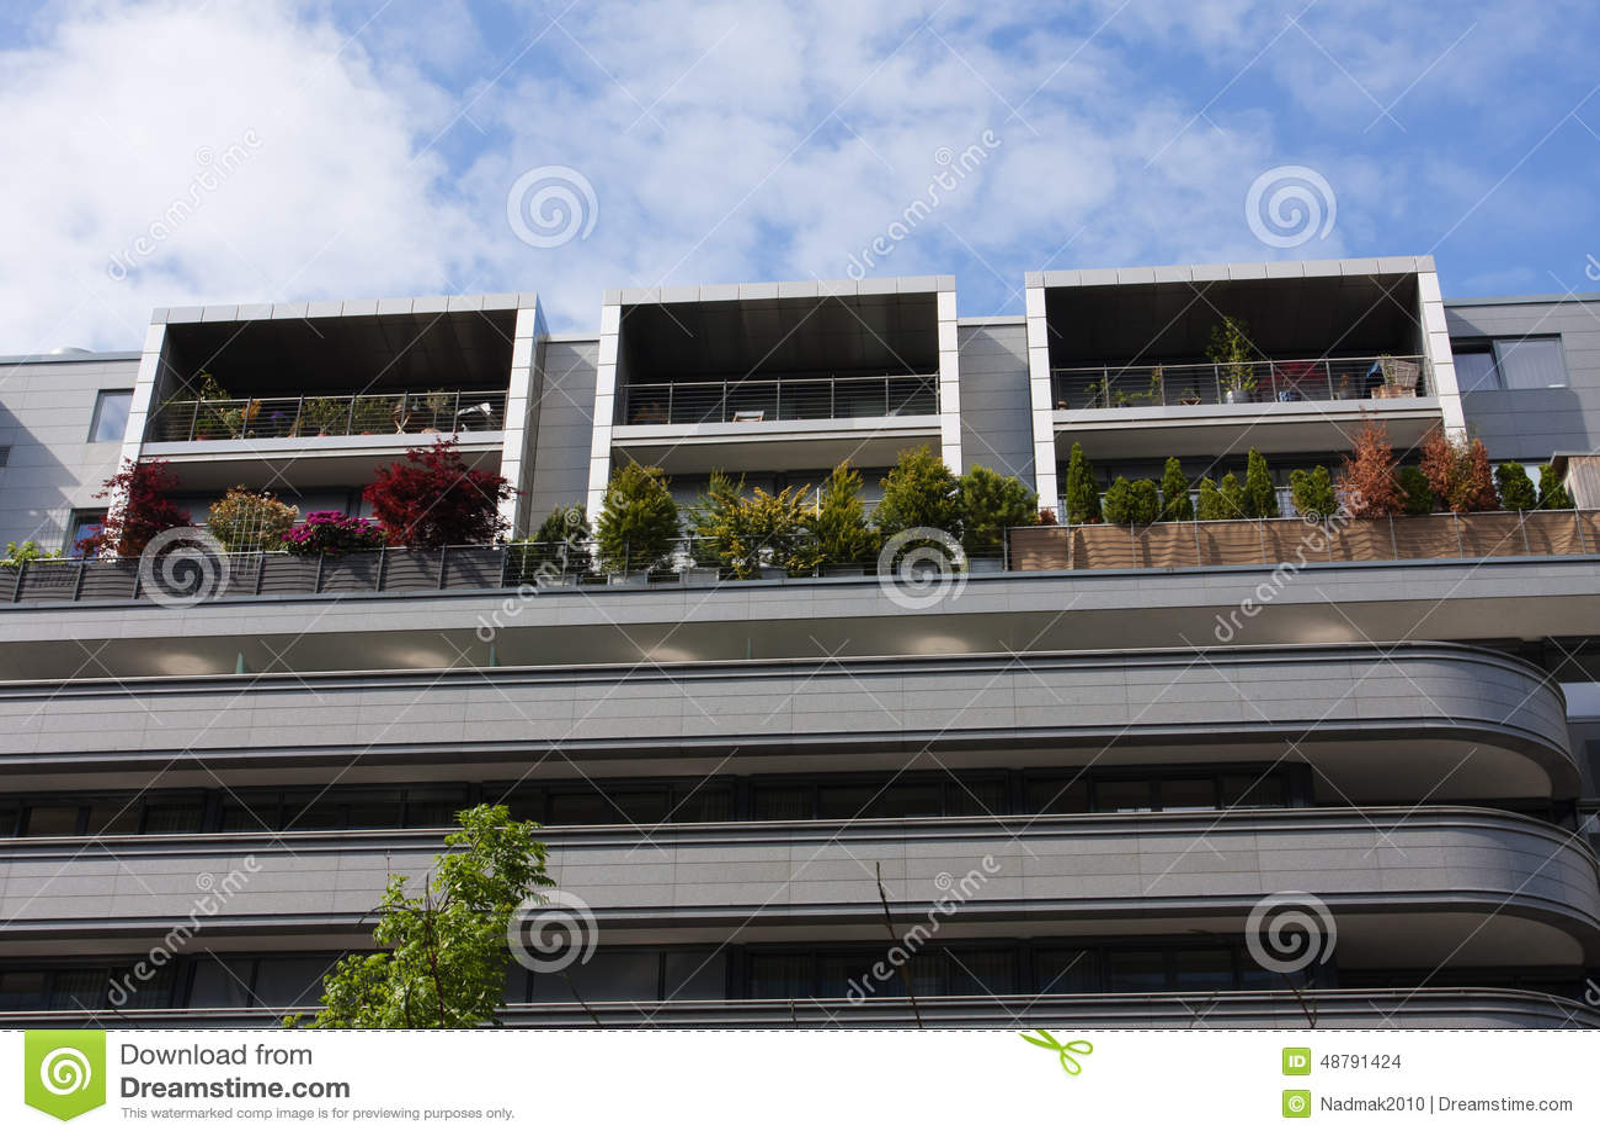 Architettura moderna casa con differenti balconi for Piccole case di architettura moderna